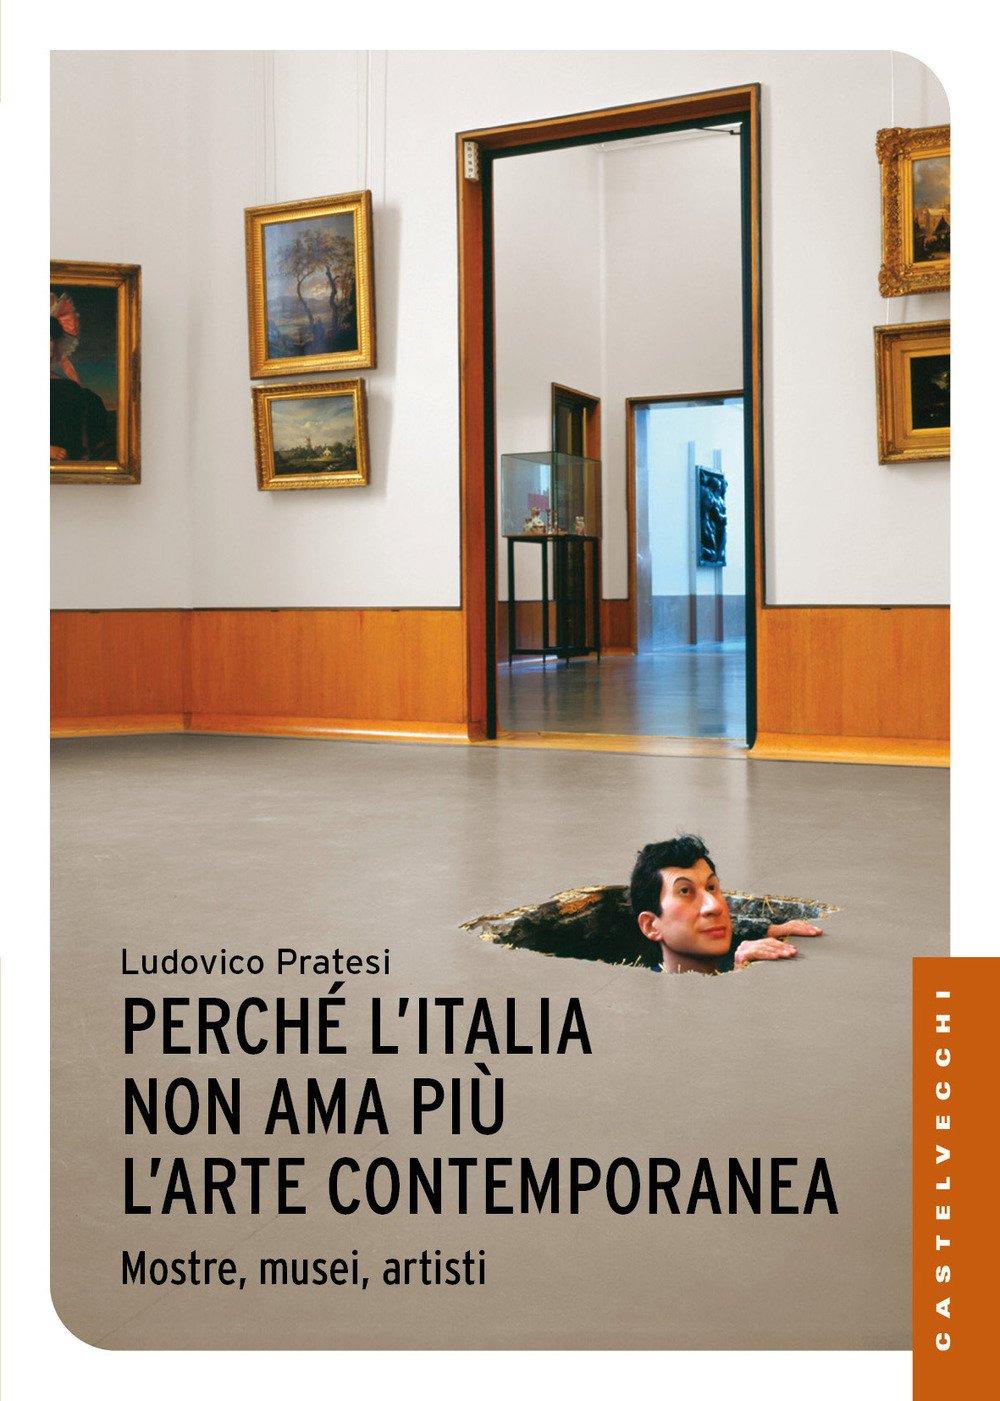 Ludovico Pratesi, Perché l'Italia non ama più l'arte contemporanea